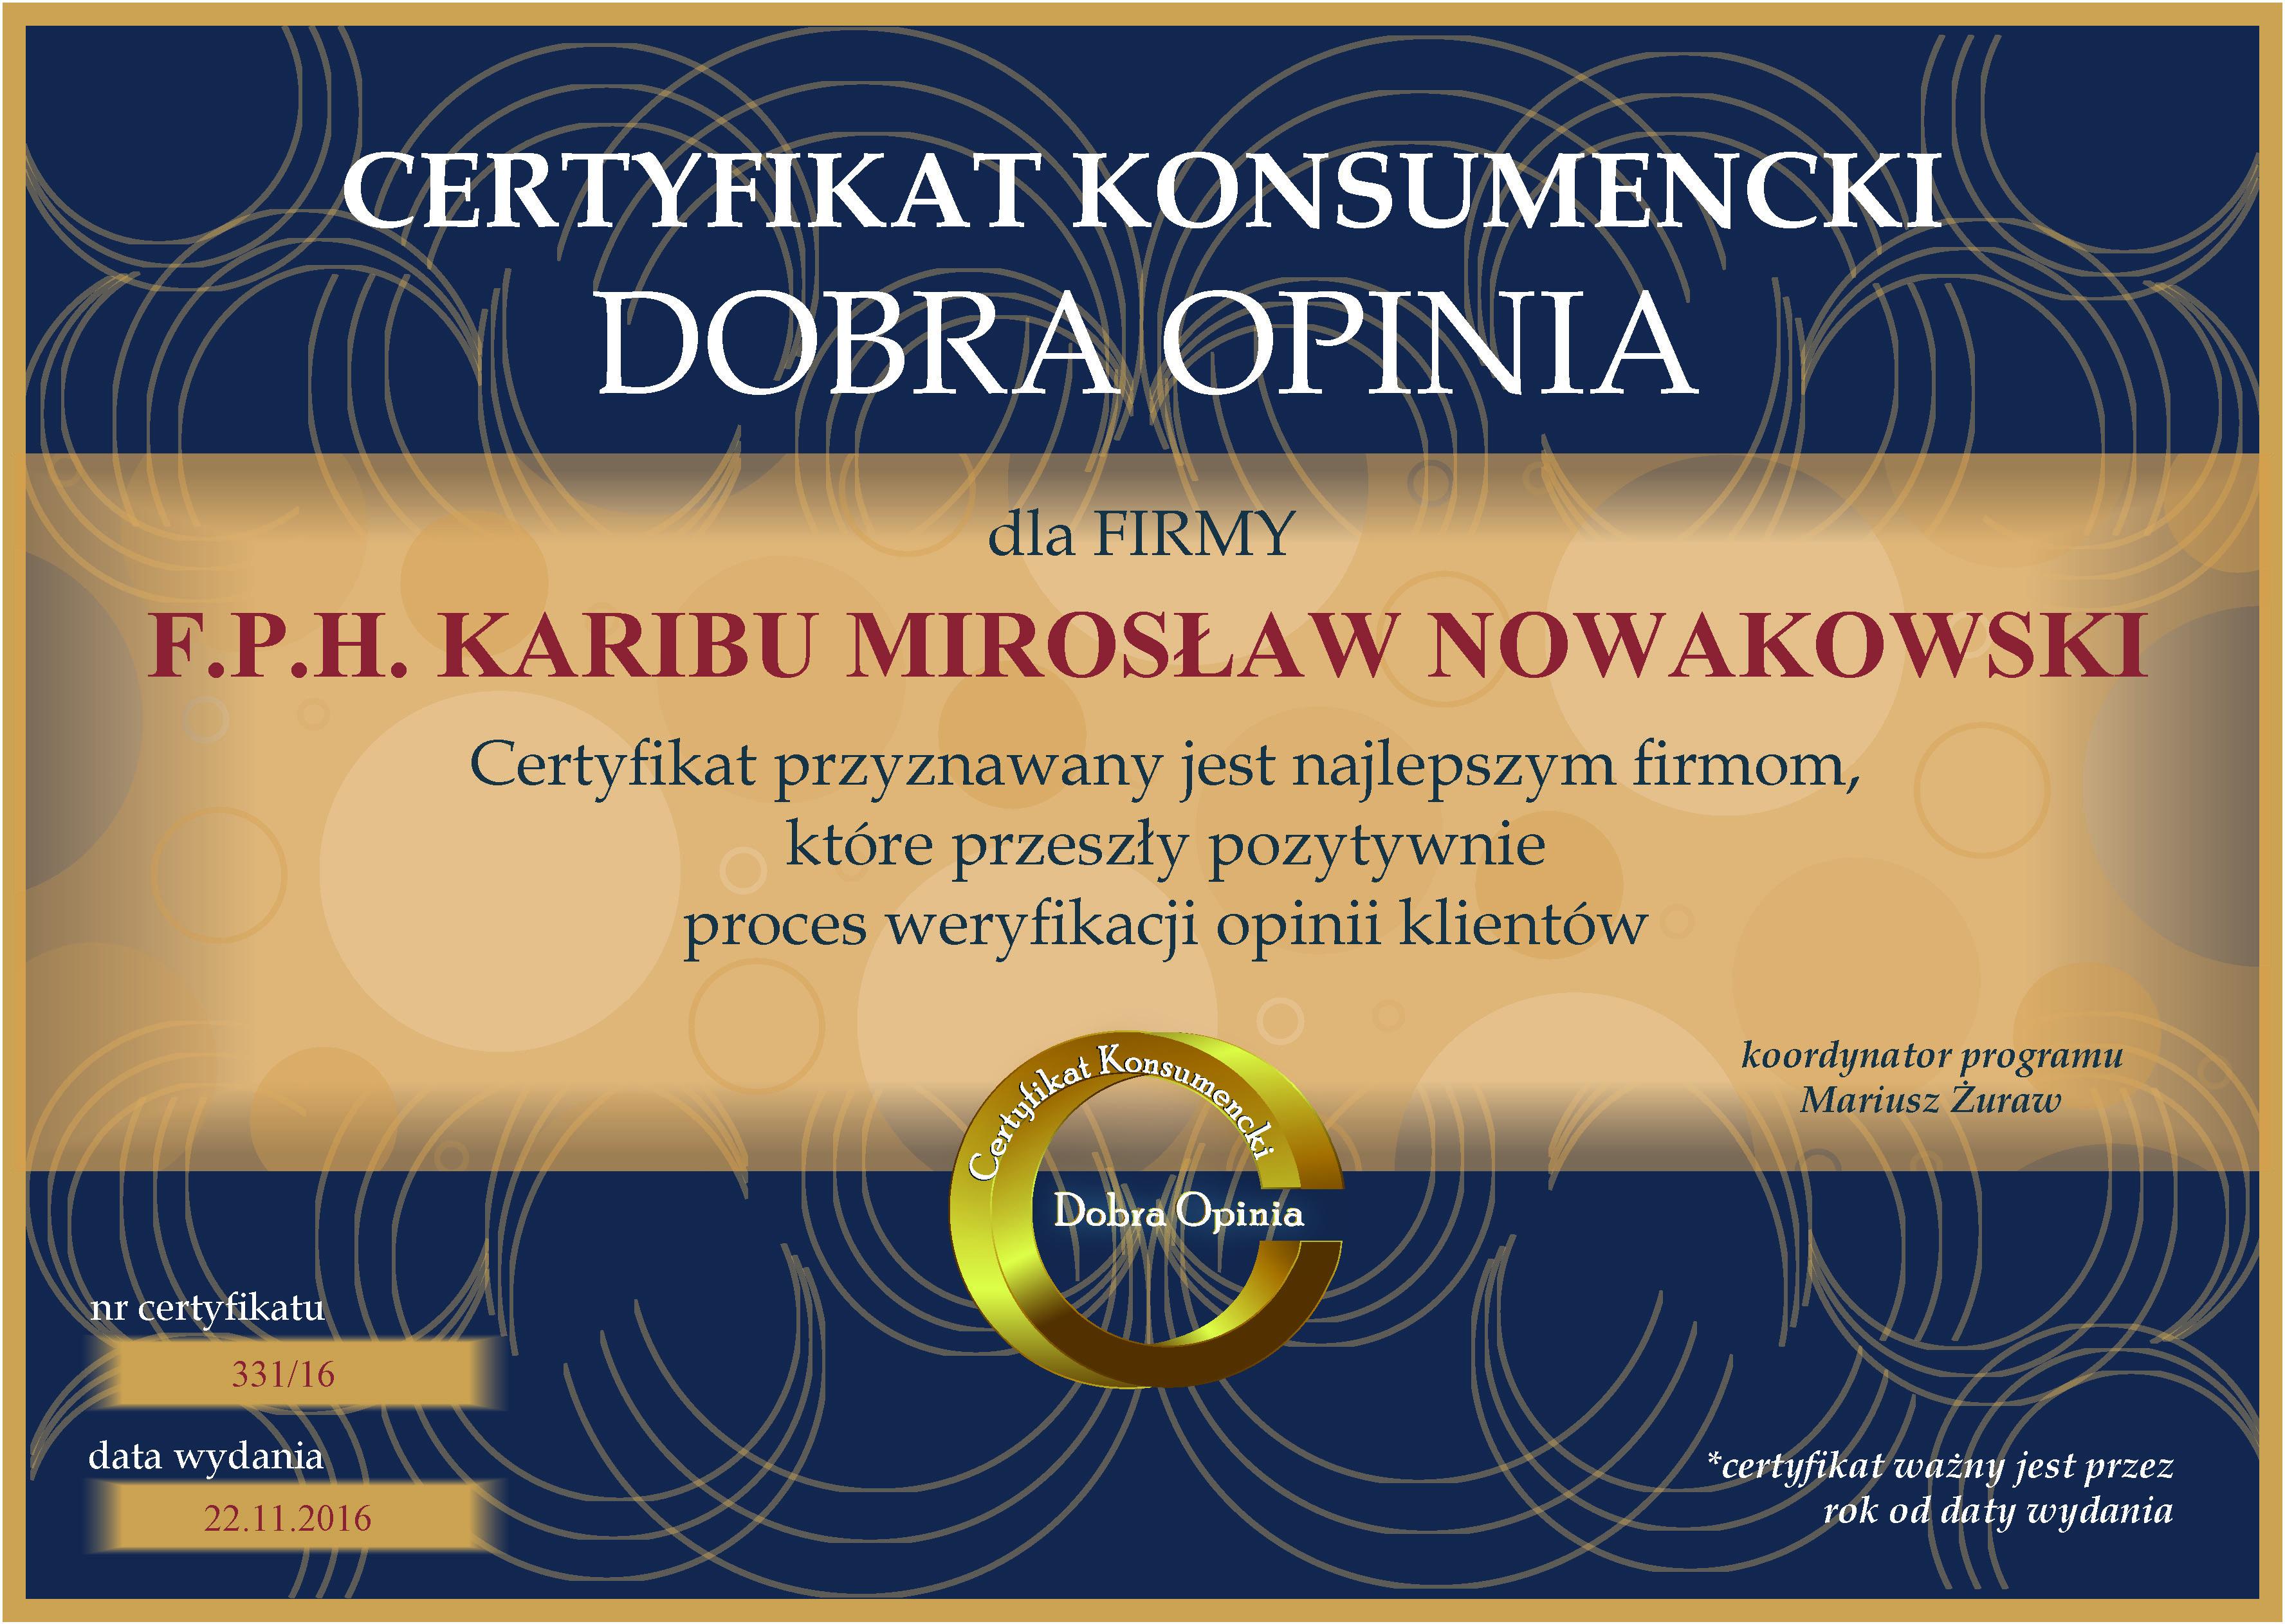 F.P.H. Karibu Mirosław Nowakowski